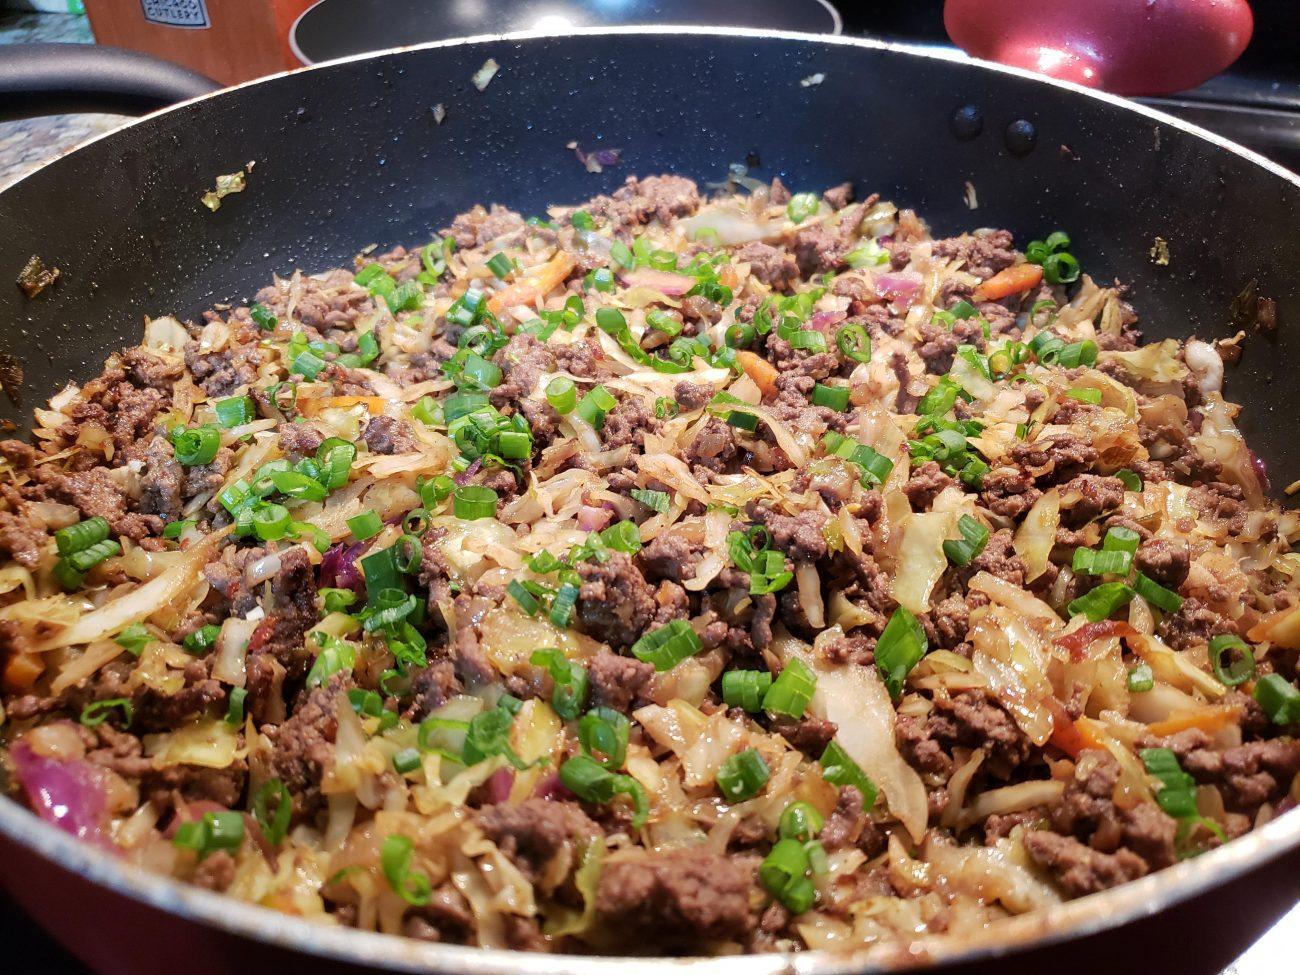 Beef Egg Roll in a pan (AKA Keto Crack Slaw)